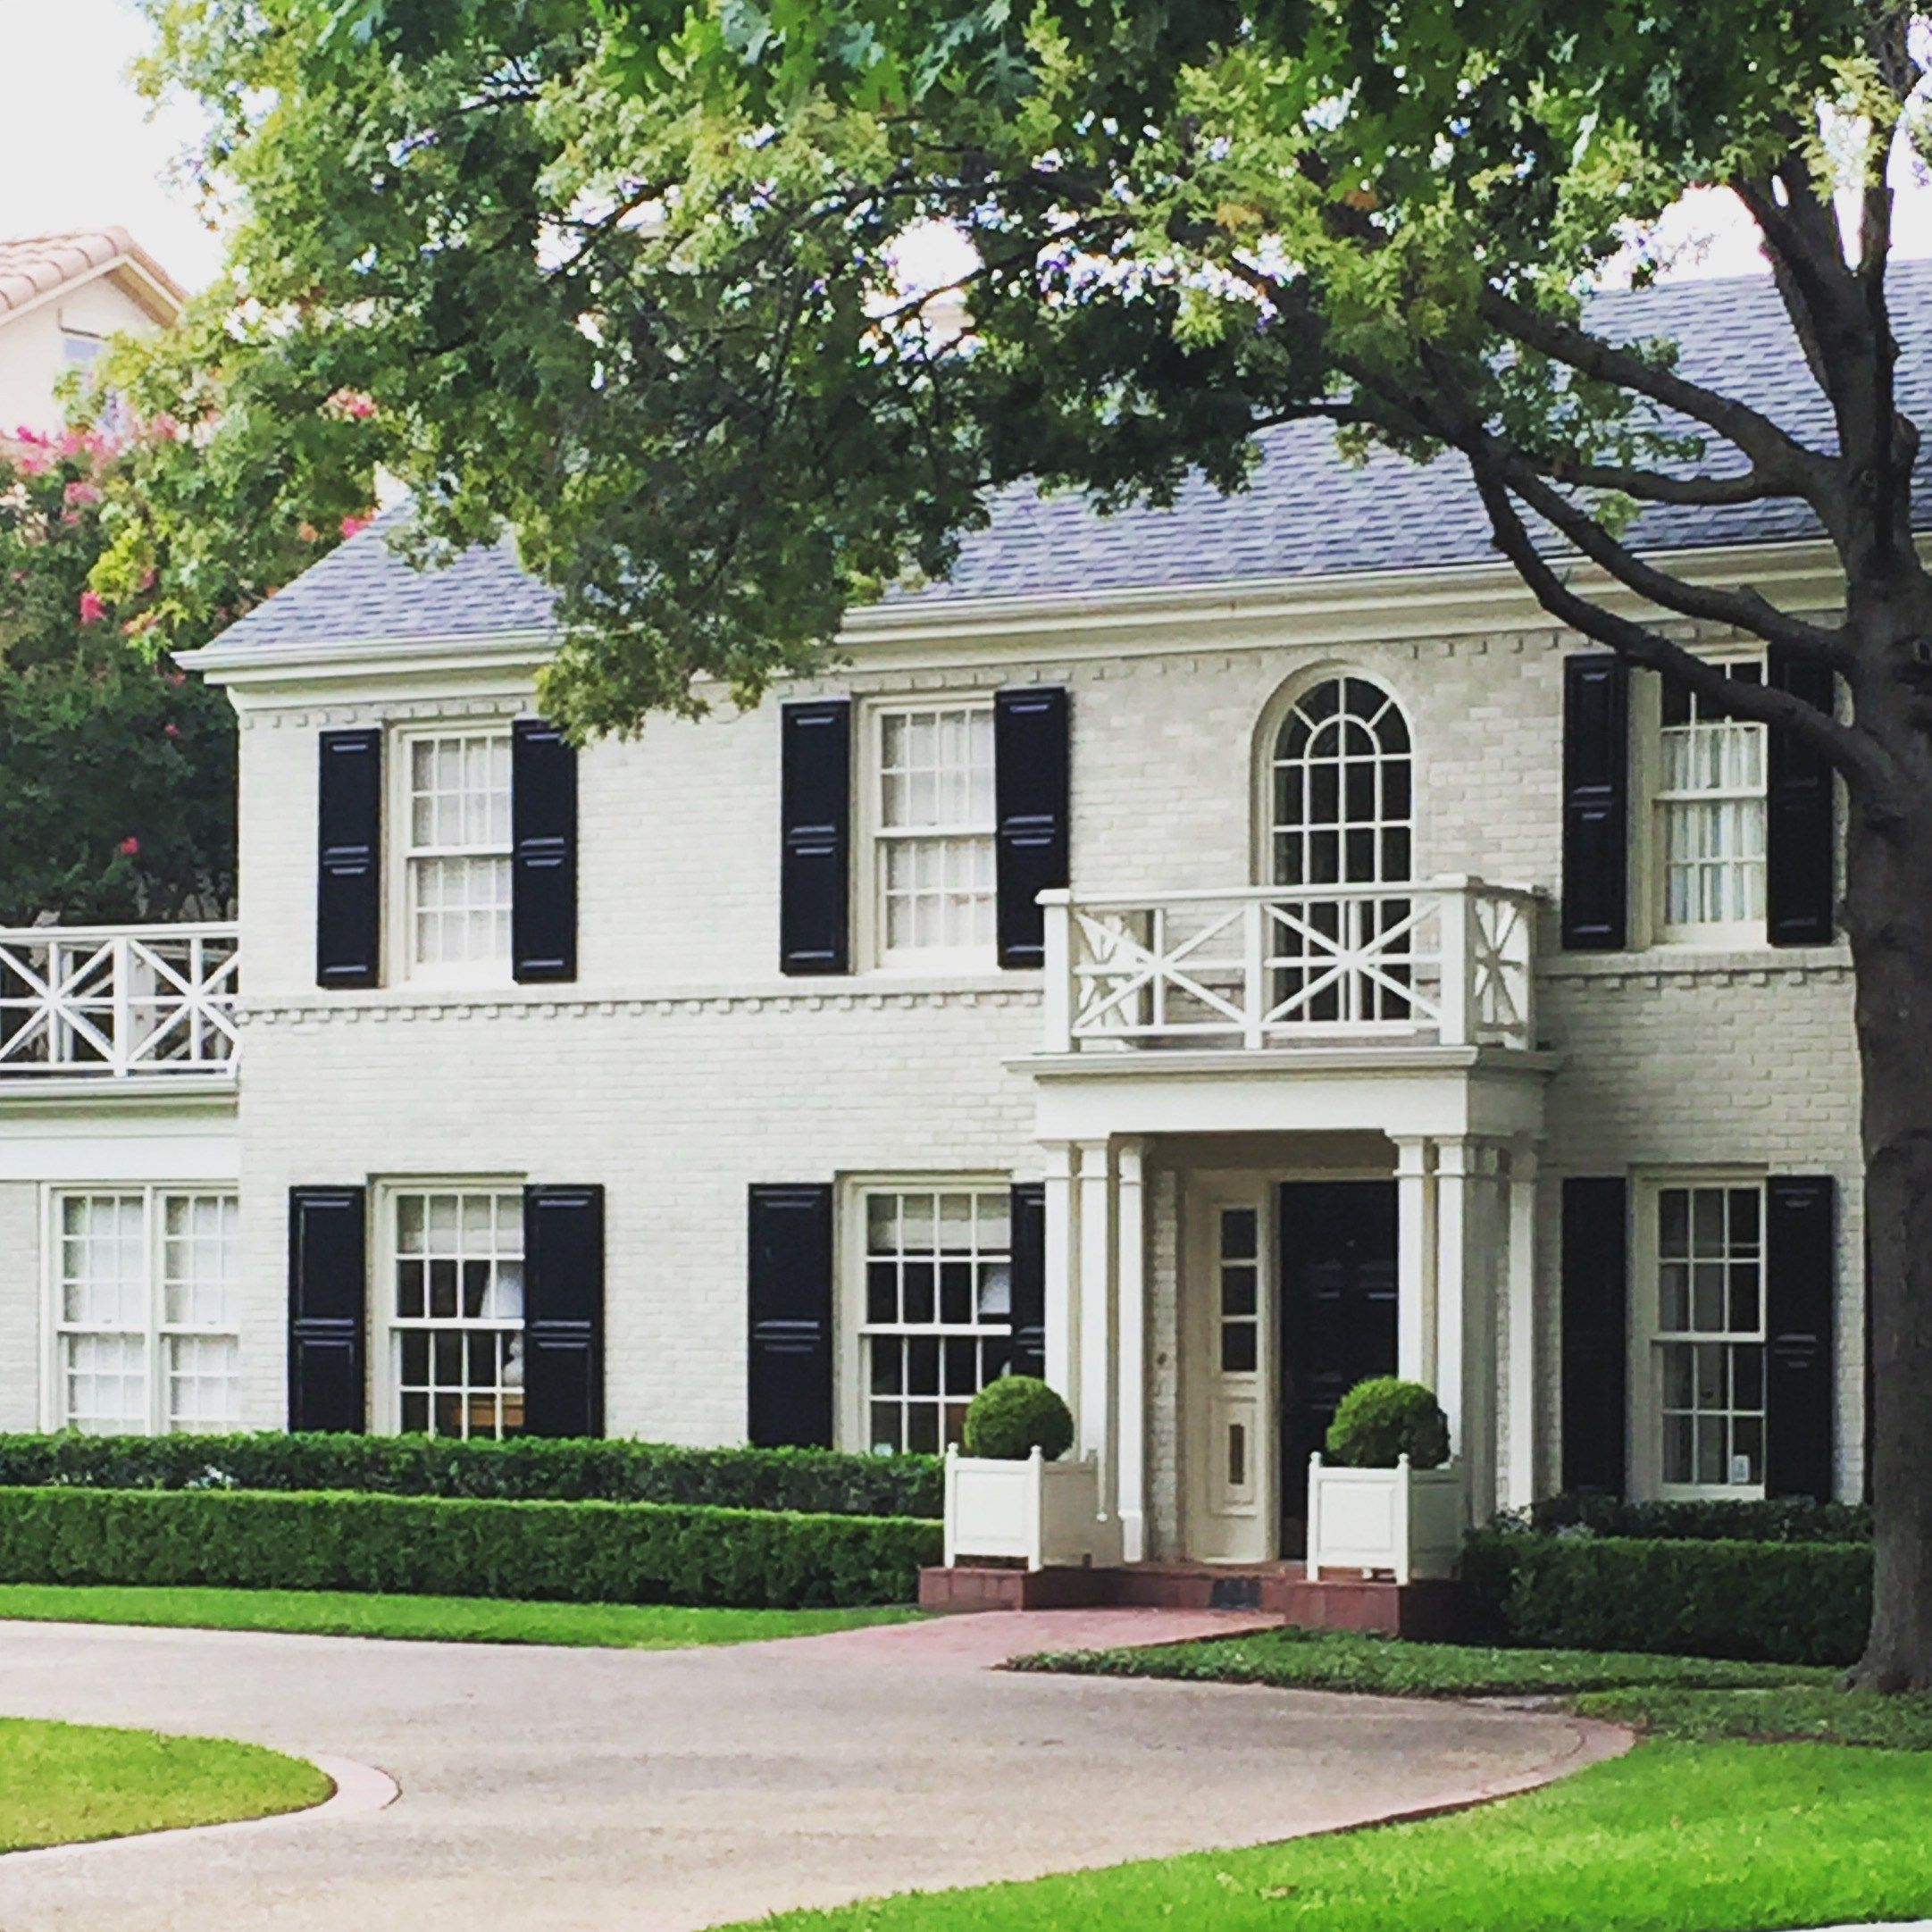 Exterior Home Design Software: Facade House, Exterior Makeover, Home